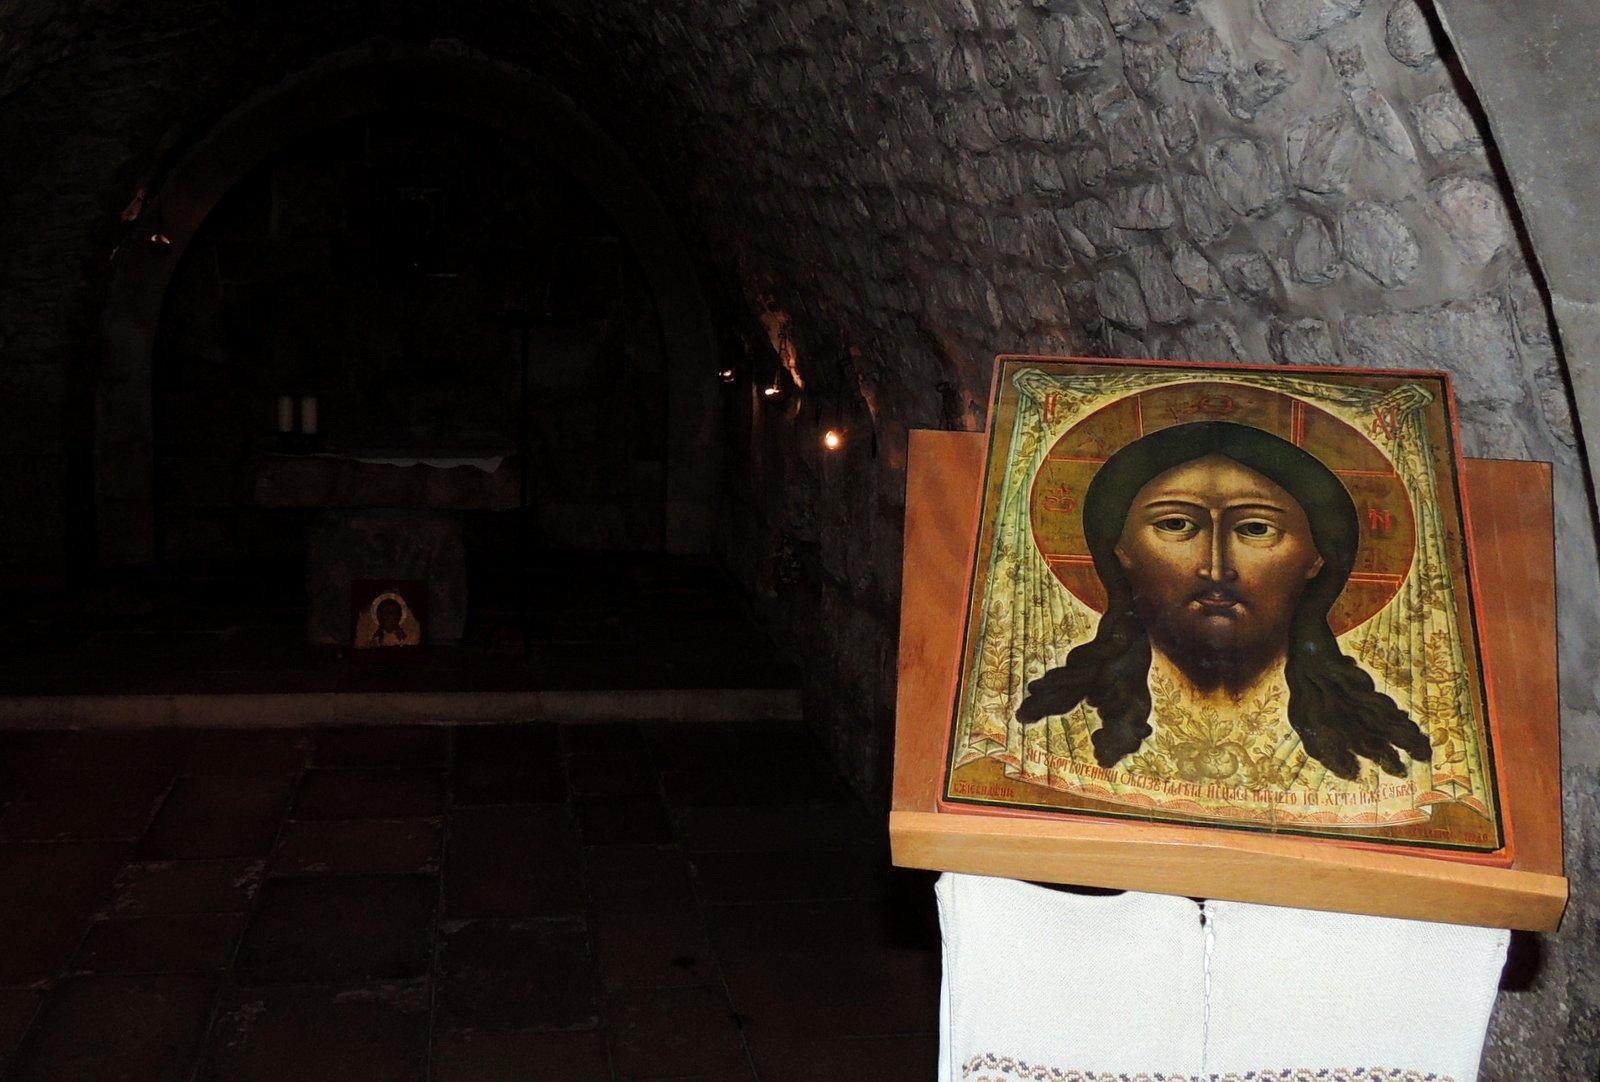 Veronika reicht Jesus das Schweißtuch - 6. Station - Via Dolorosa Jerusalem